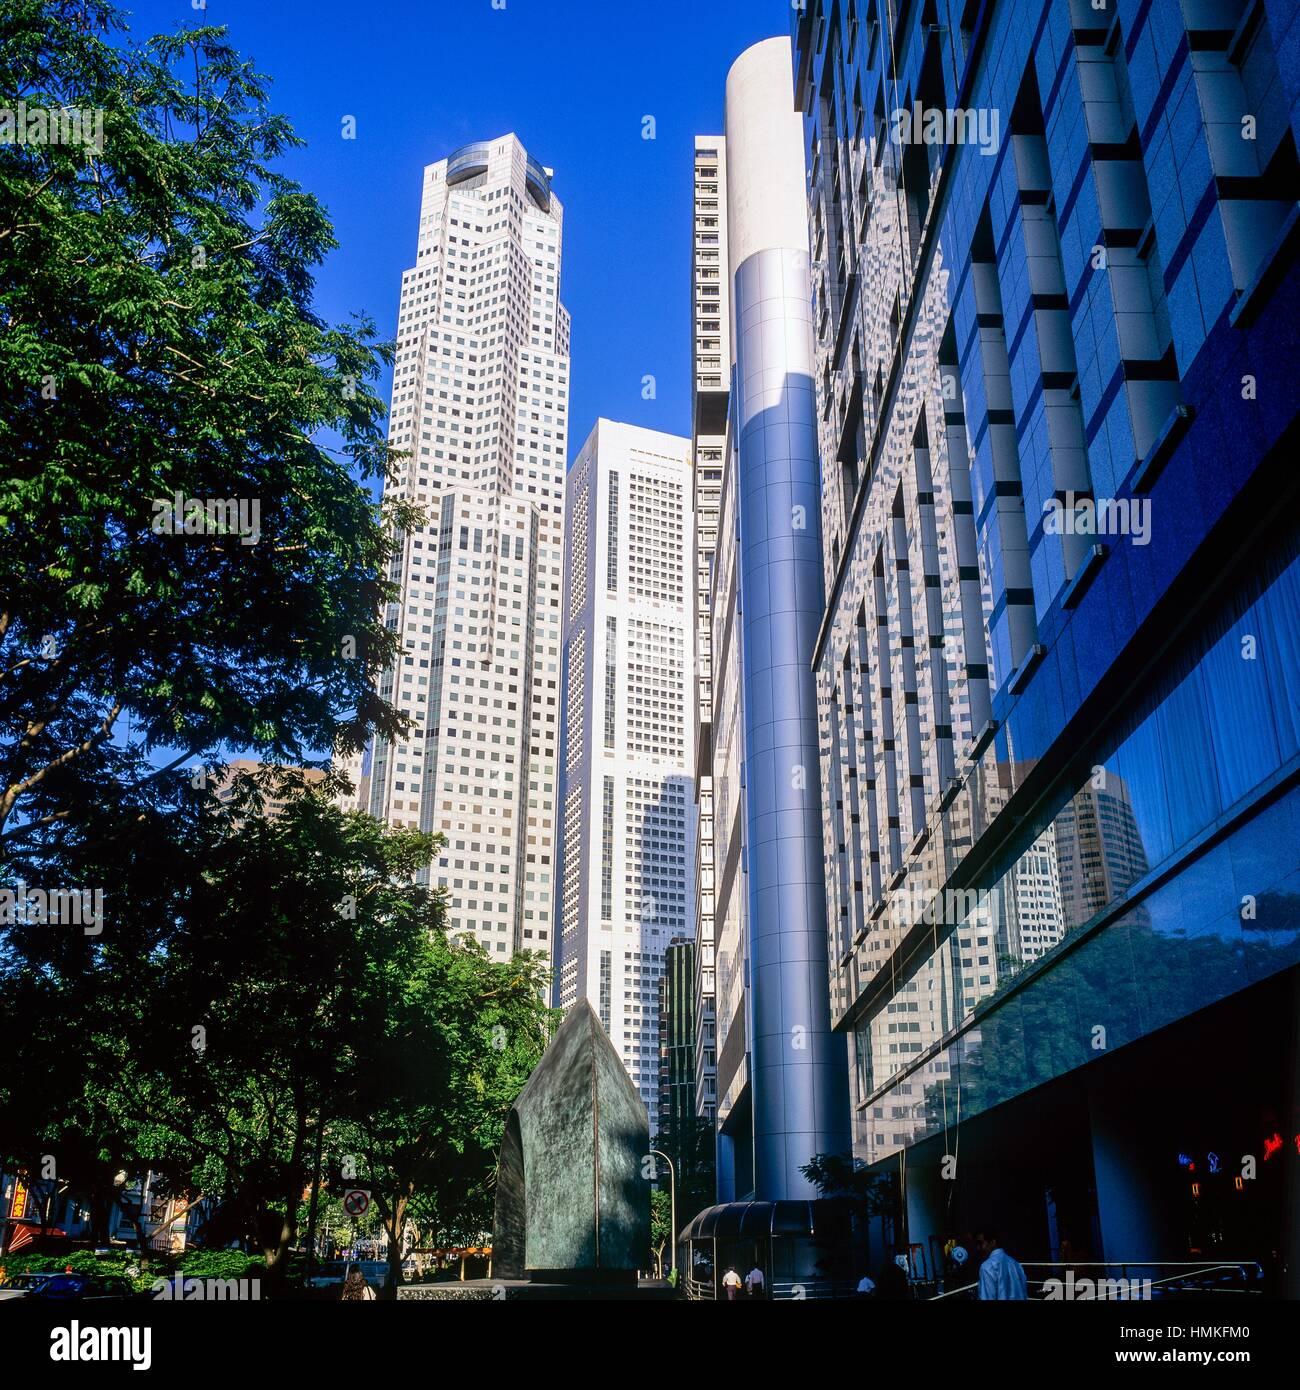 Uob Stock Photos & Uob Stock Images - Alamy